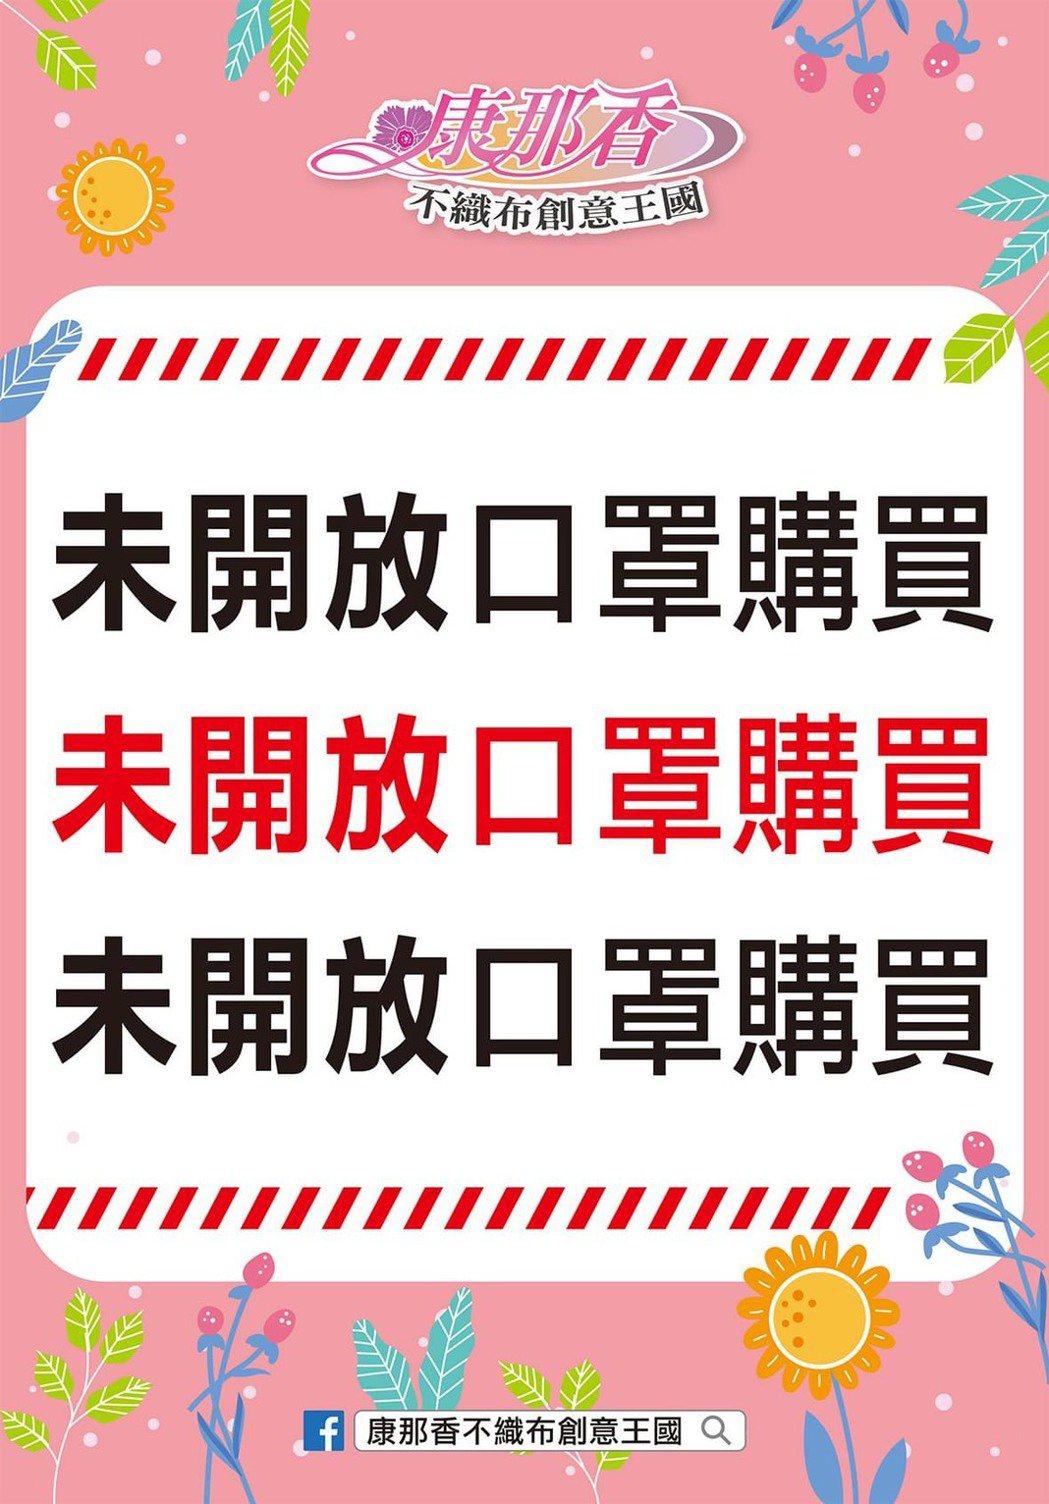 康那香不織布觀光工廠6月2日恢復營業,但網頁公告未開放口罩購買。圖/取自官網